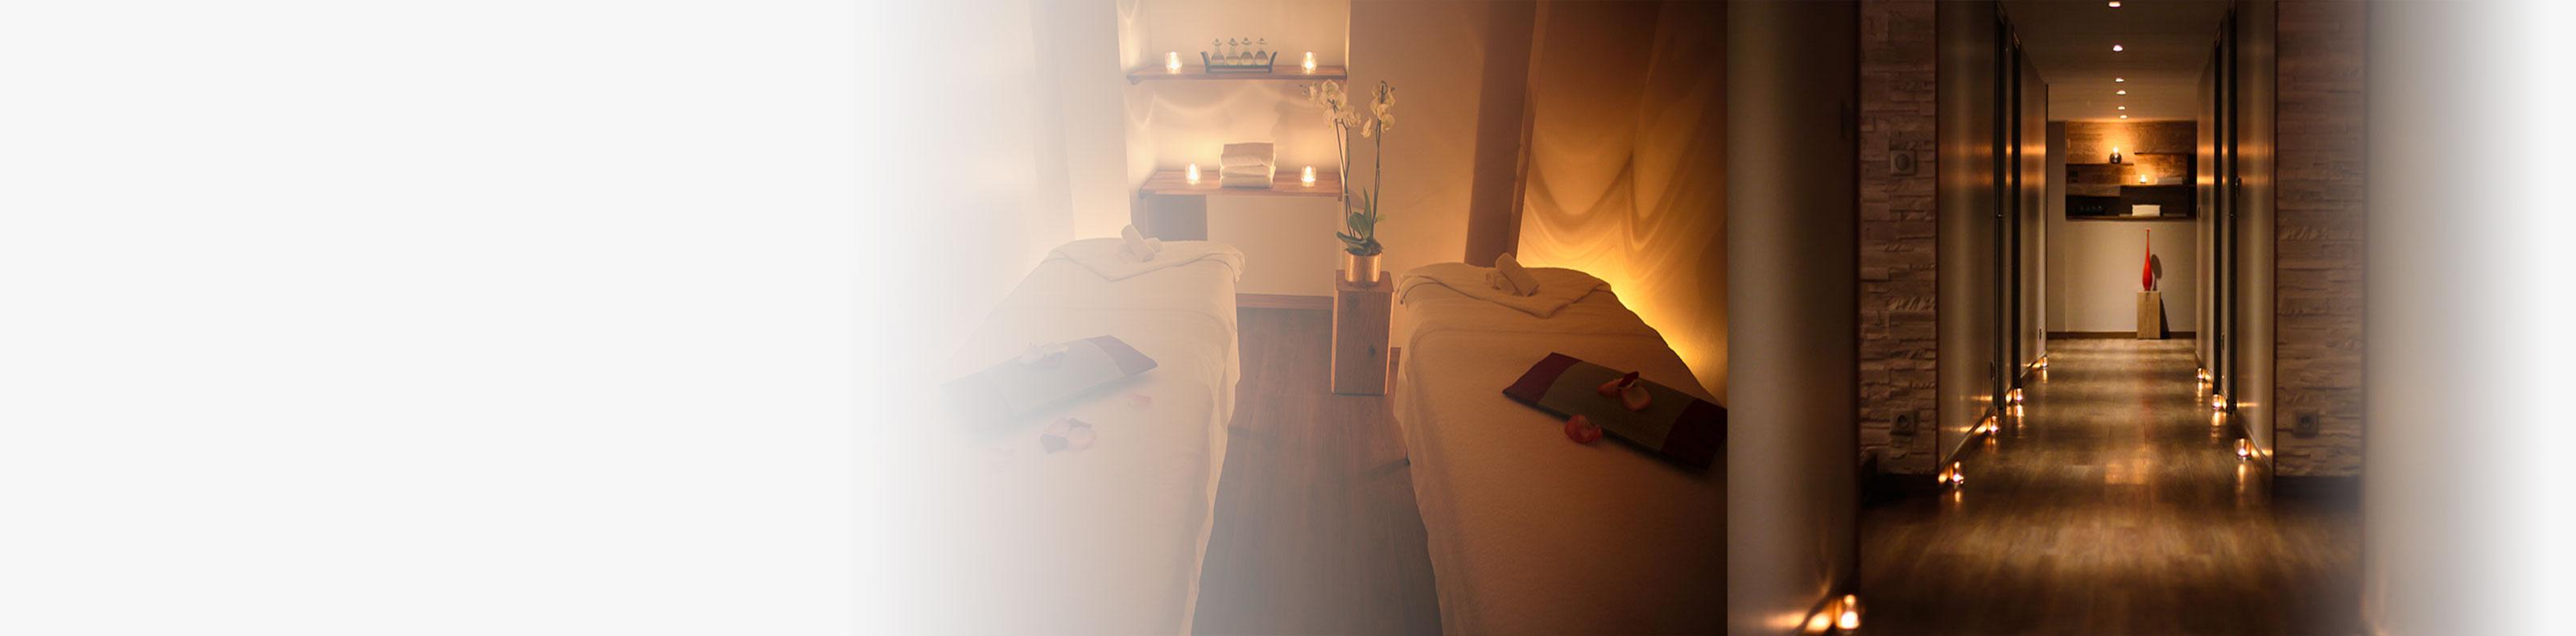 Reportage Massage du monde <br />bien-être au Mont-Kailash